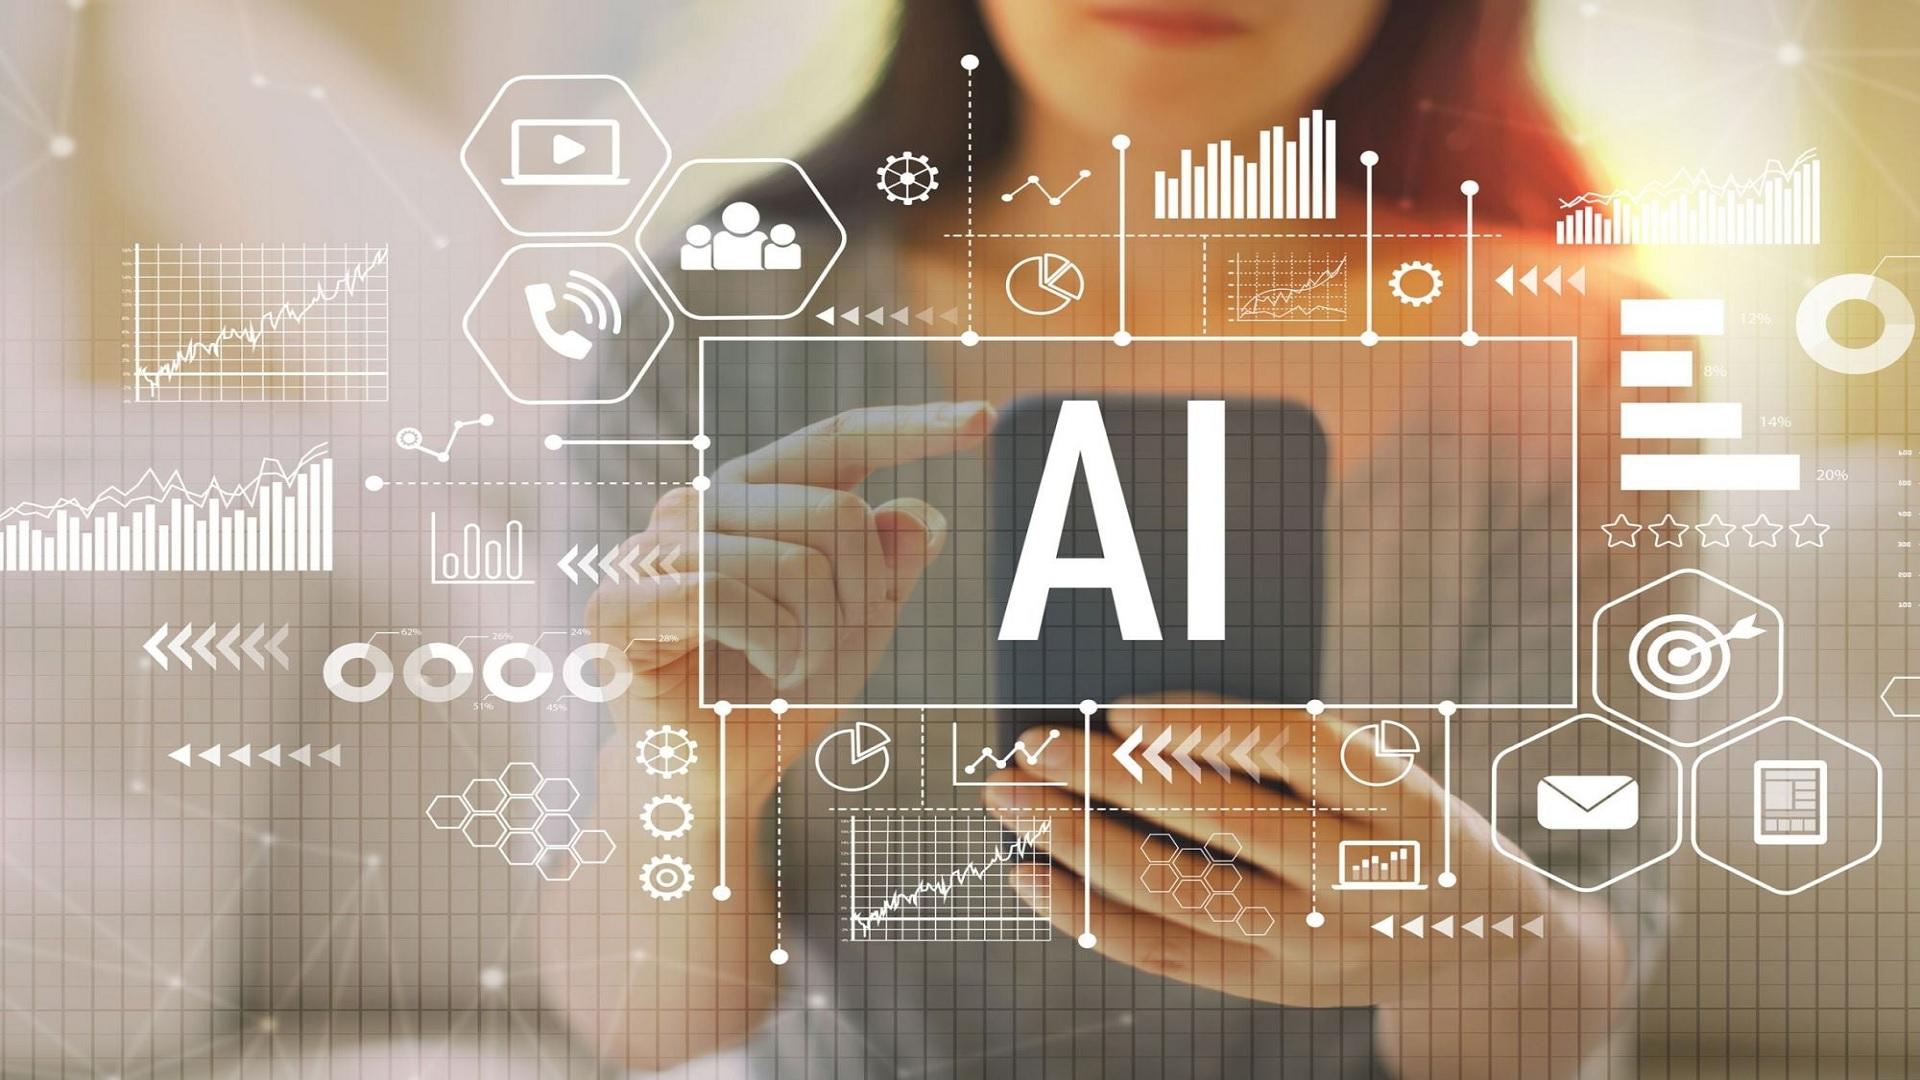 Τεχνητή νοημοσύνη: Η κλινική μελέτη αποκαλύπτει την επιτυχία της στην τηλε-υγεία